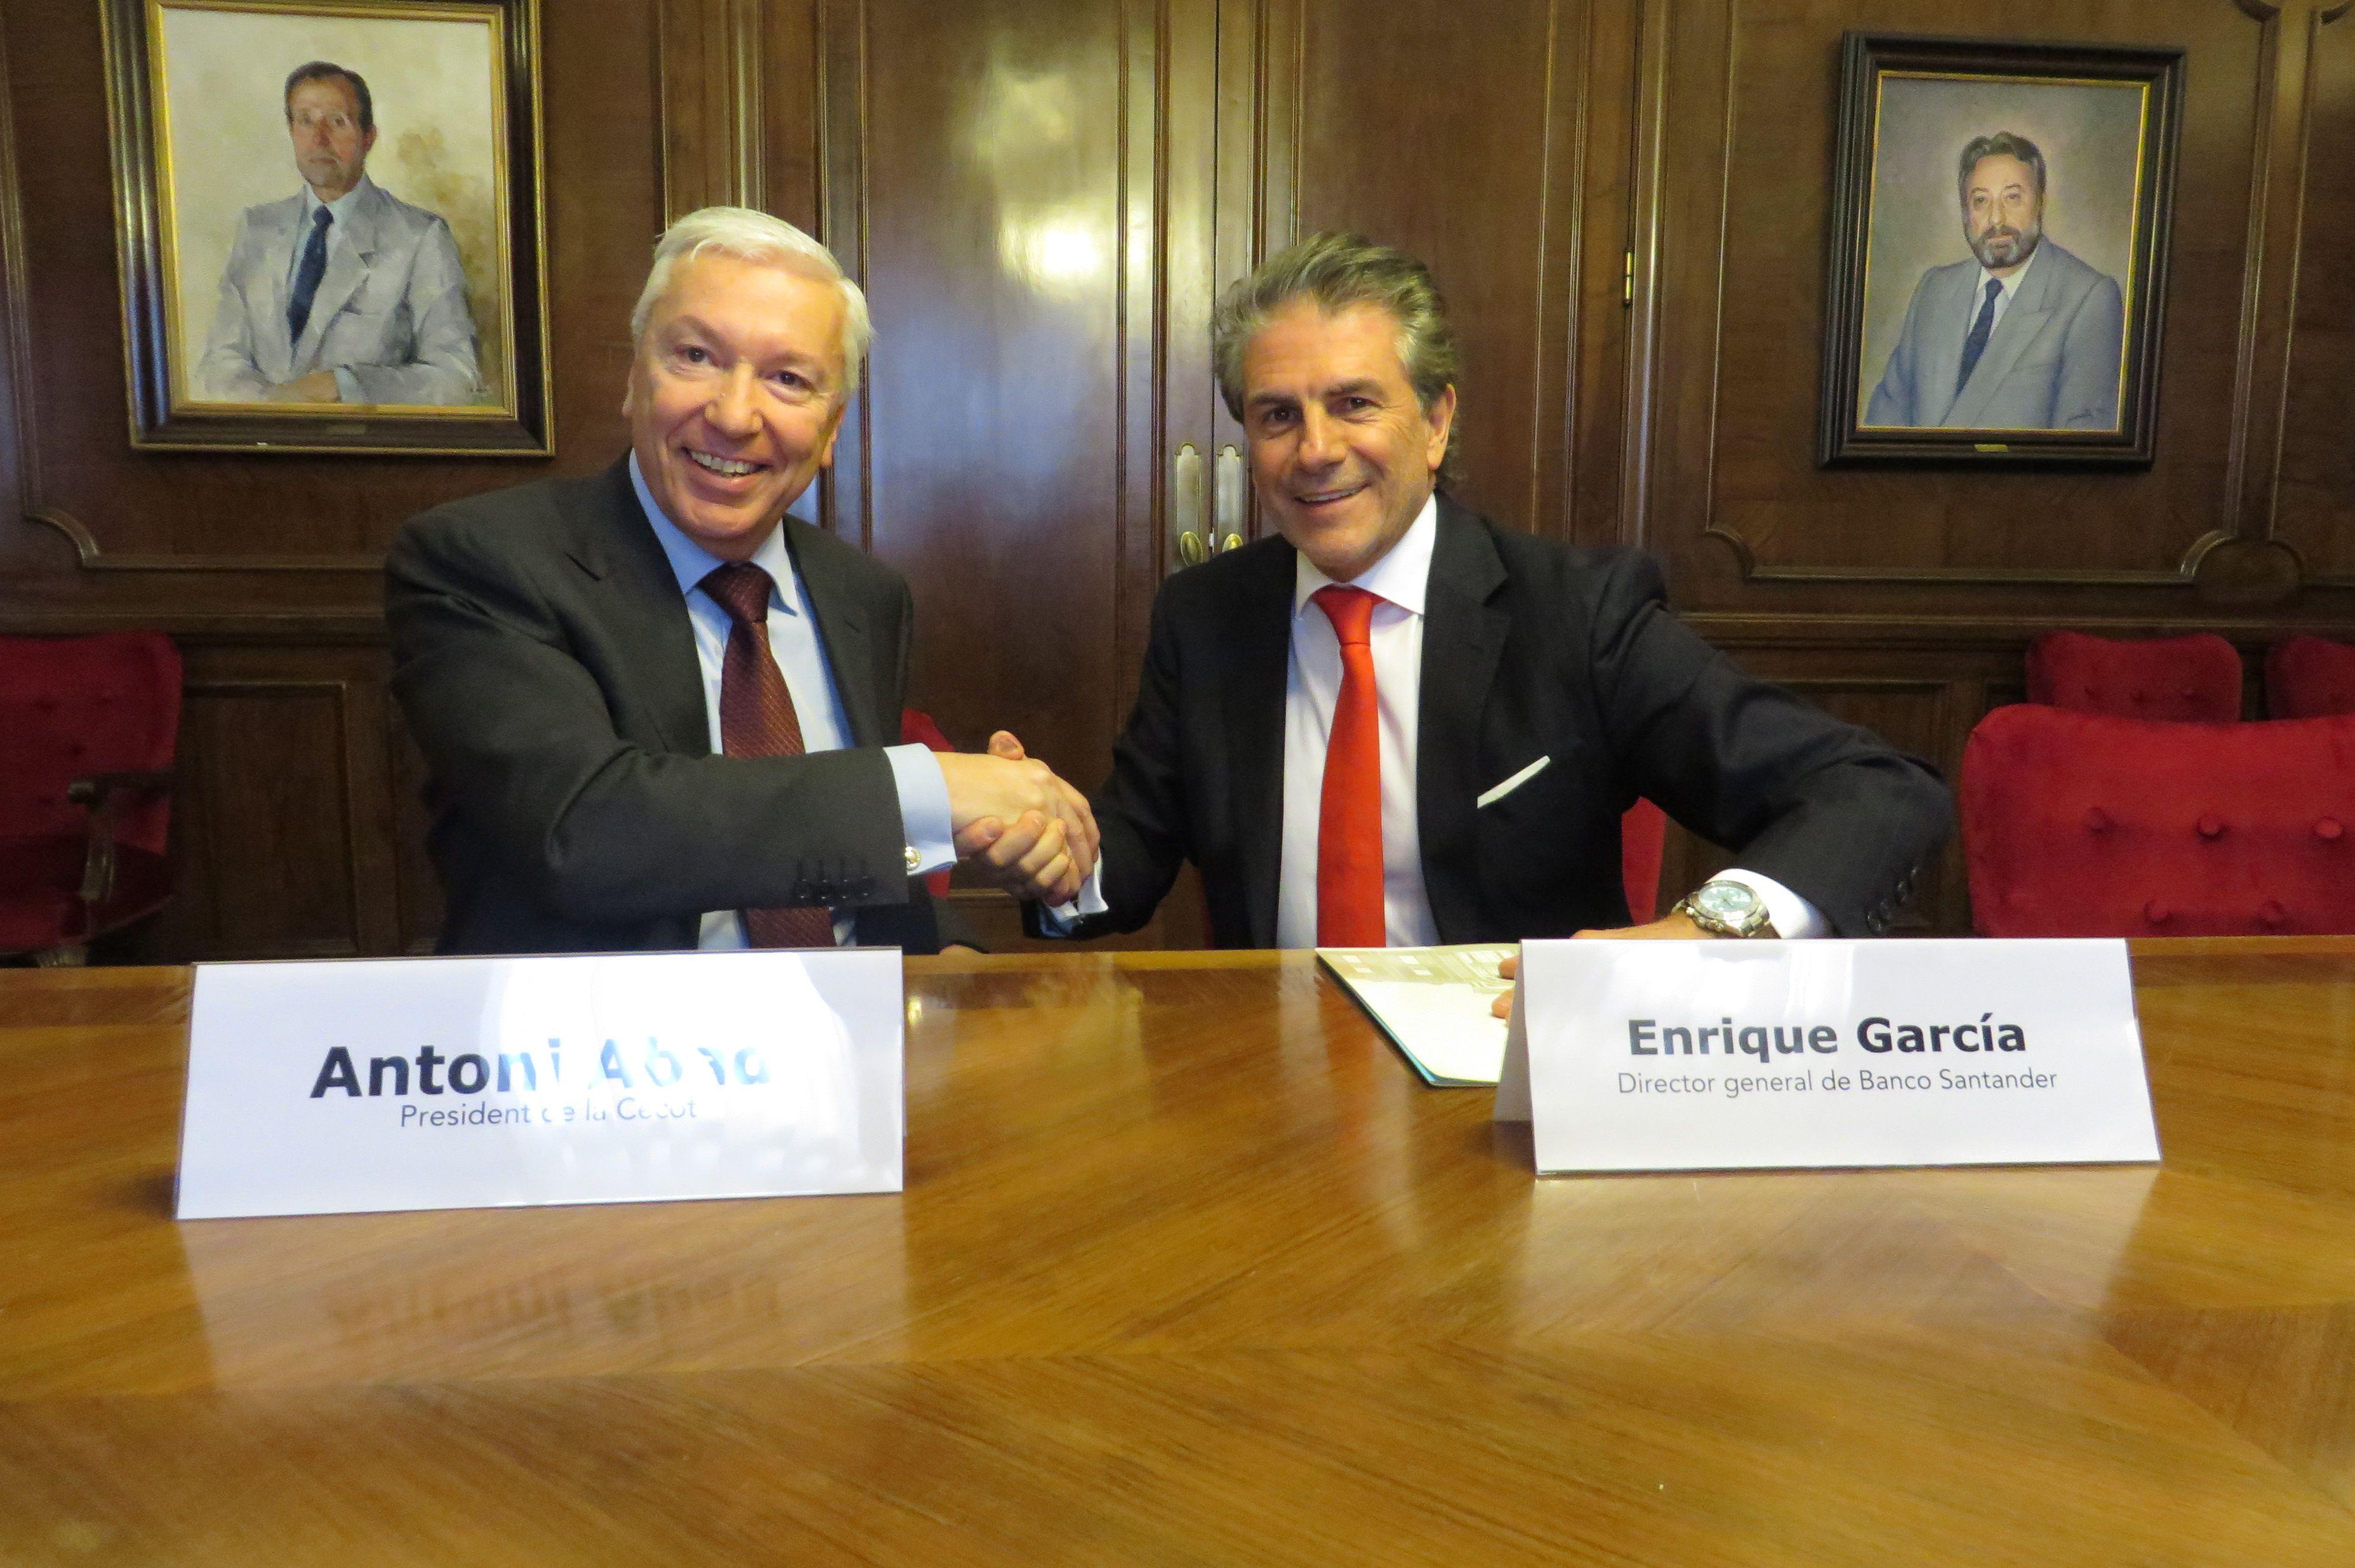 Santander será asesor financiero y fiscal de las empresas asociadas a la patronal Cecot http://bsan.es/1Fb3zZw (11/03/15)